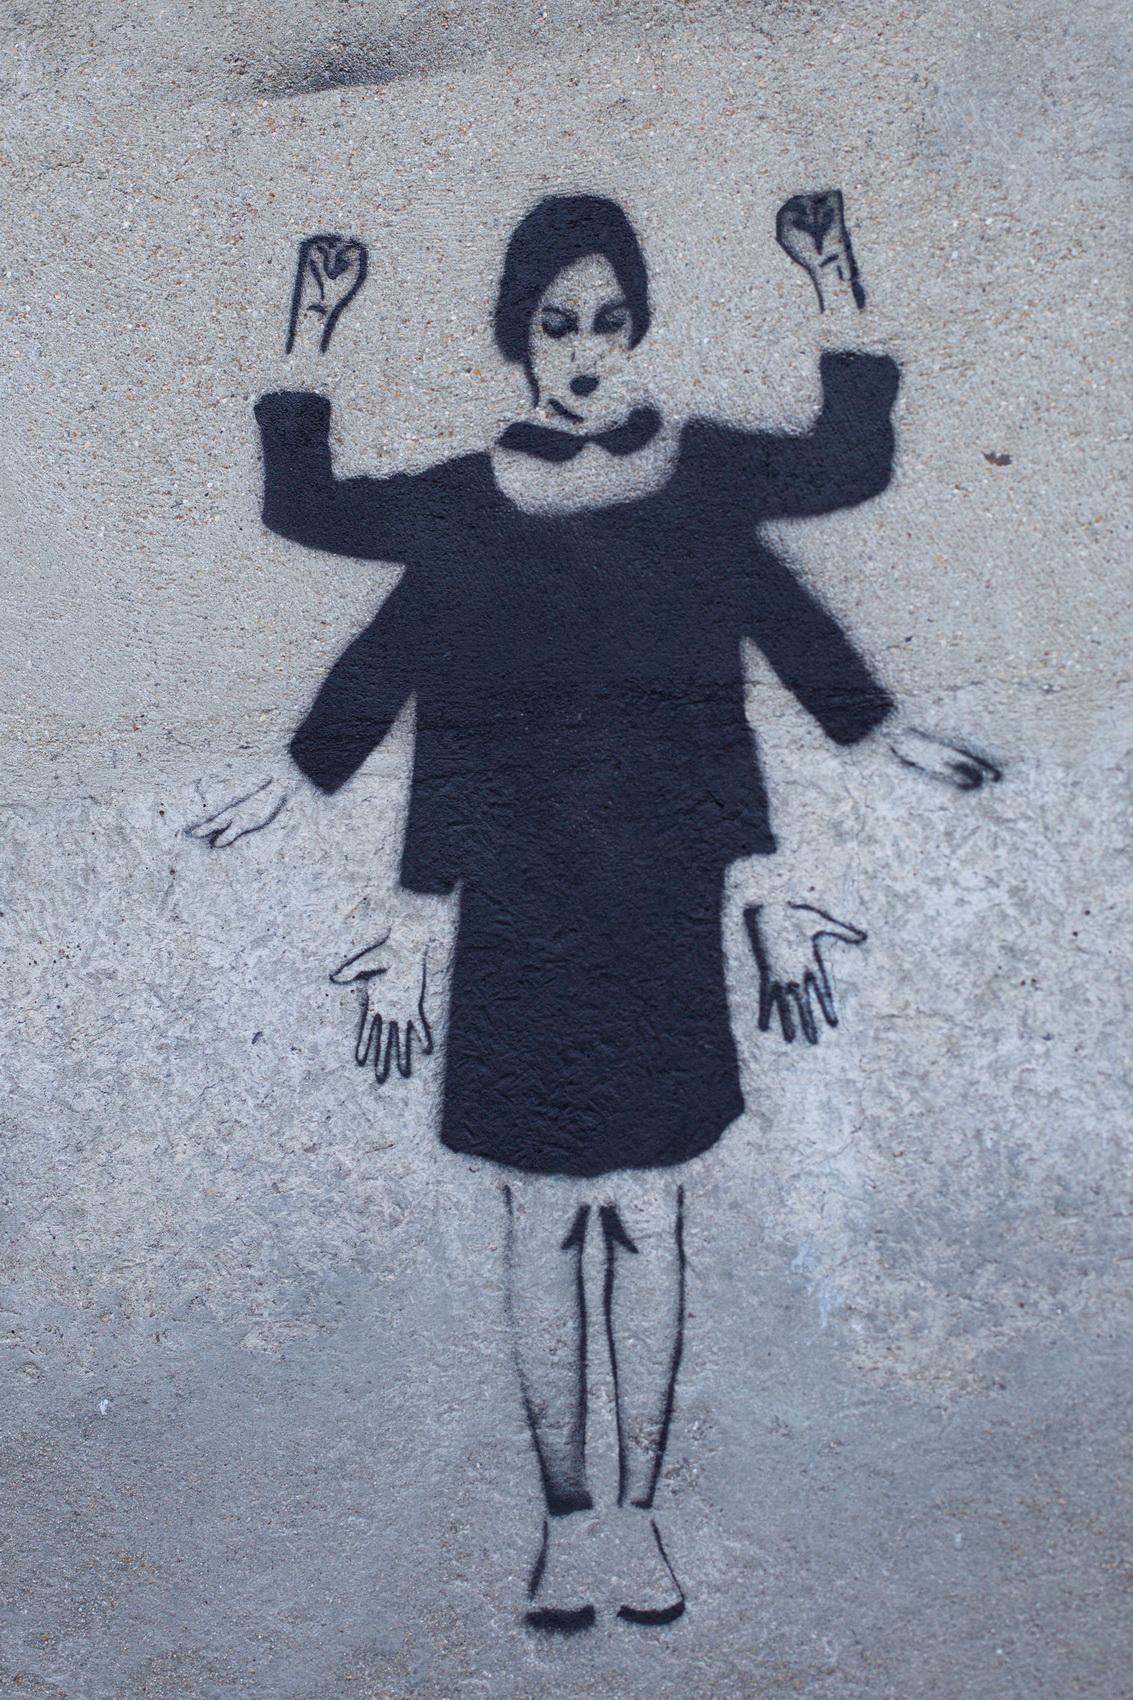 grand train, street art, street art paris, paris underground, paris industriel, miss tic, jain, jain pochoir